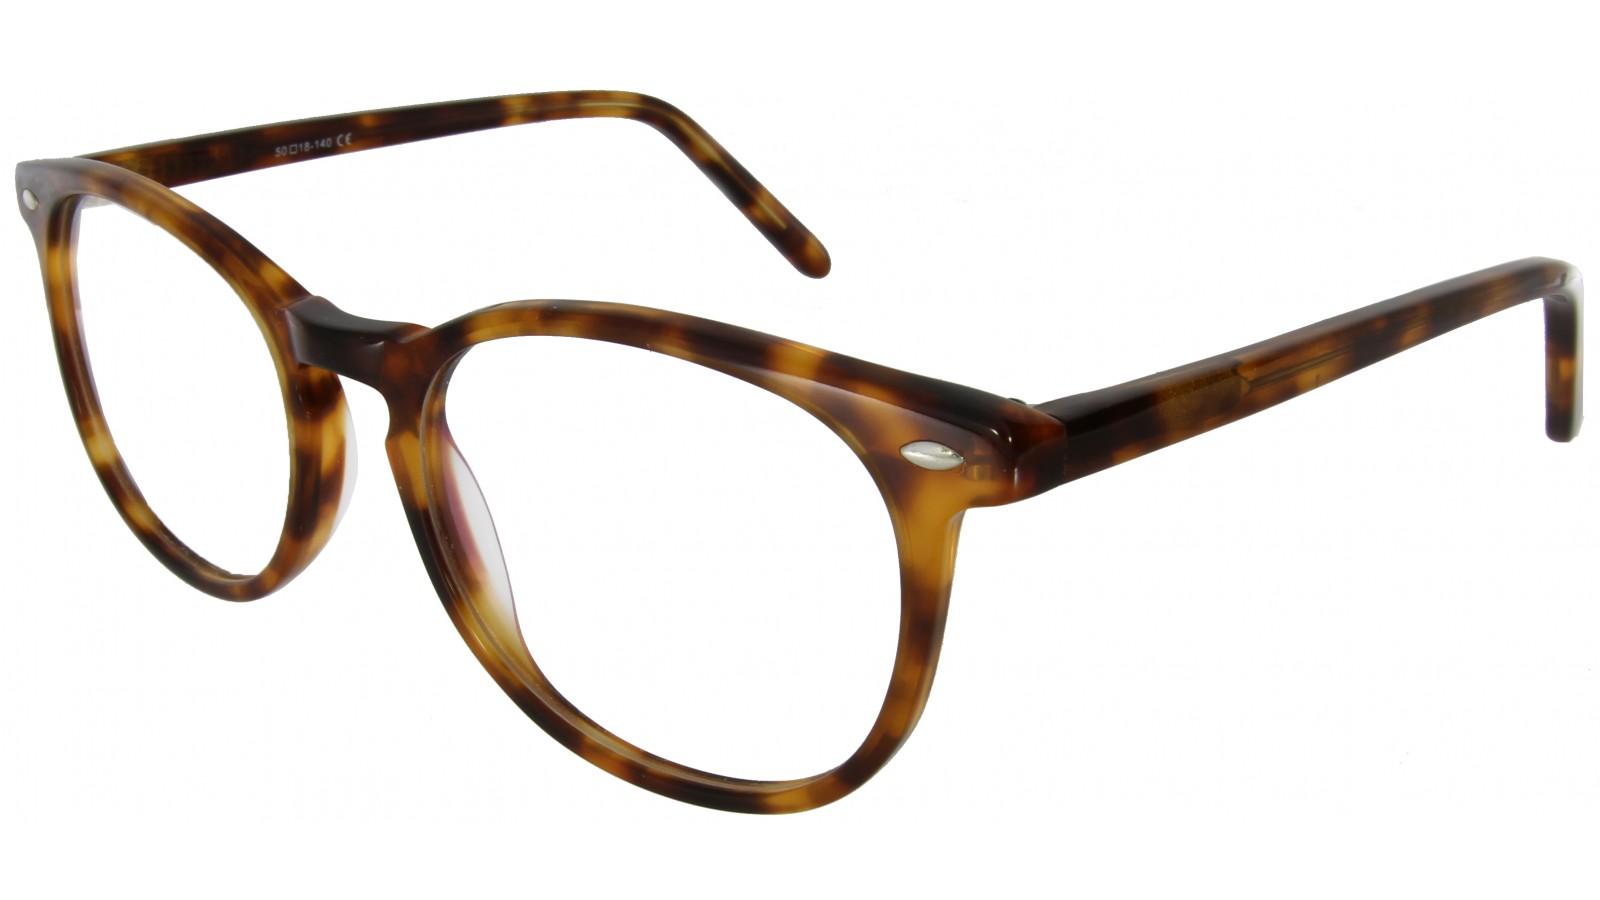 zahlreich in der Vielfalt neu kaufen 100% authentisch Brille Ronja C89